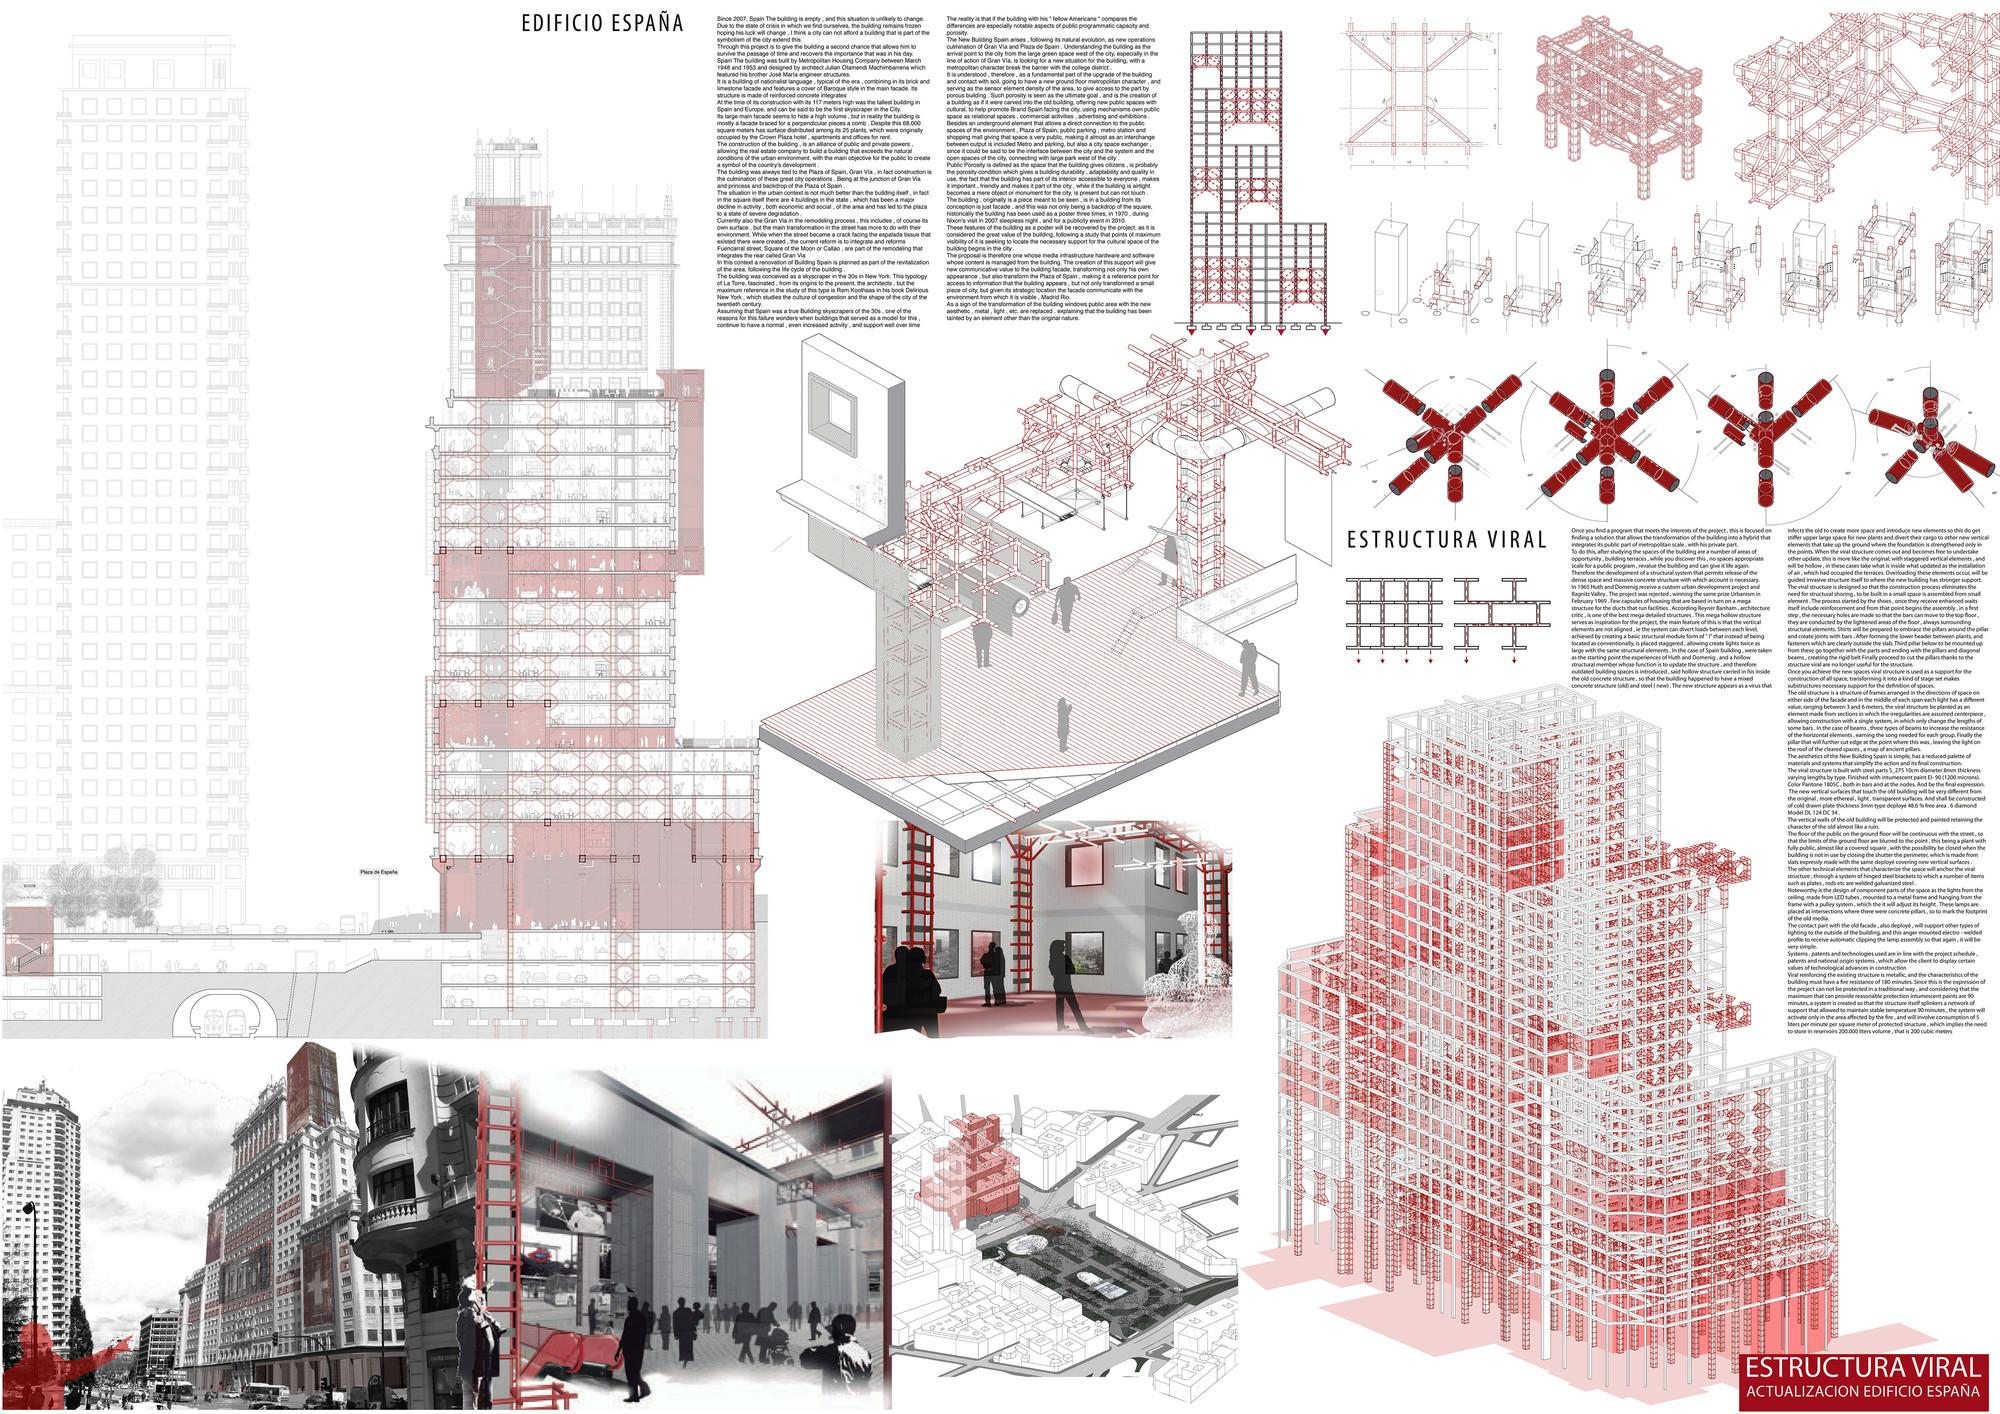 Mención Honrosa: Estructura viral. Image Courtesy of IS ARCH